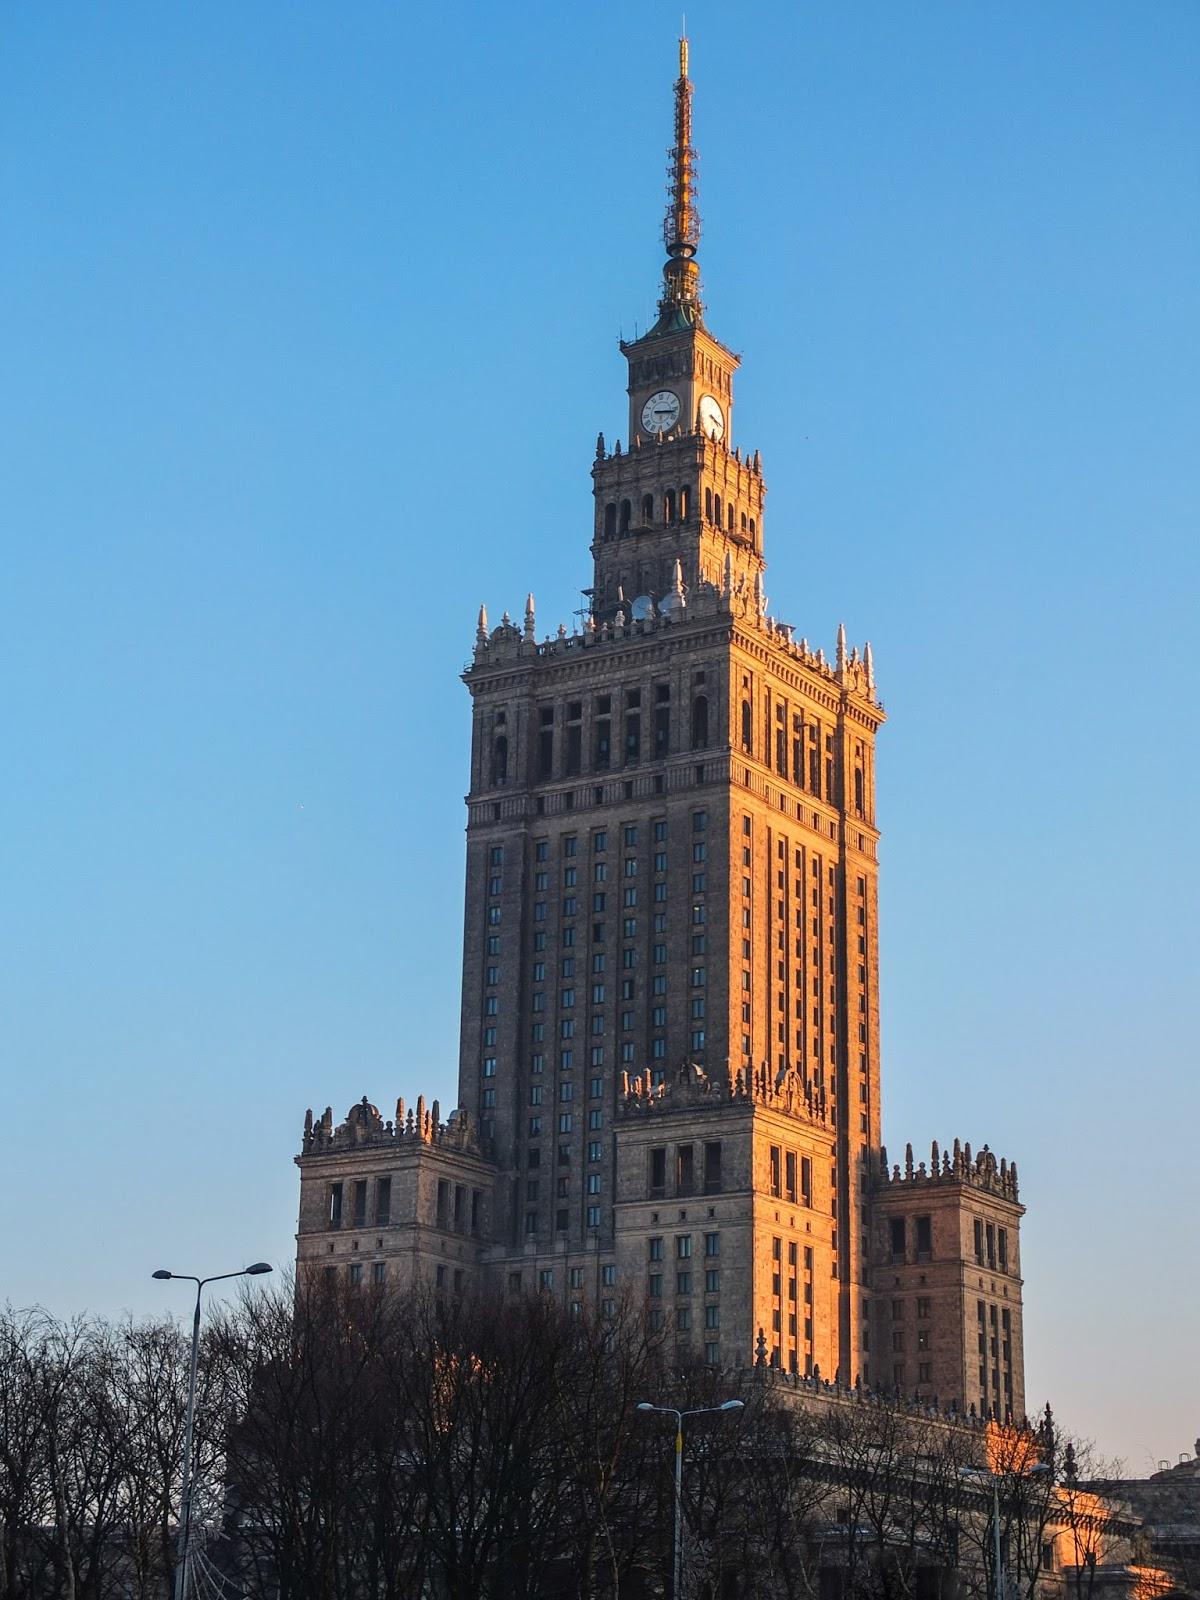 Pałac Kultury i Nauki in Warsaw at sunset.